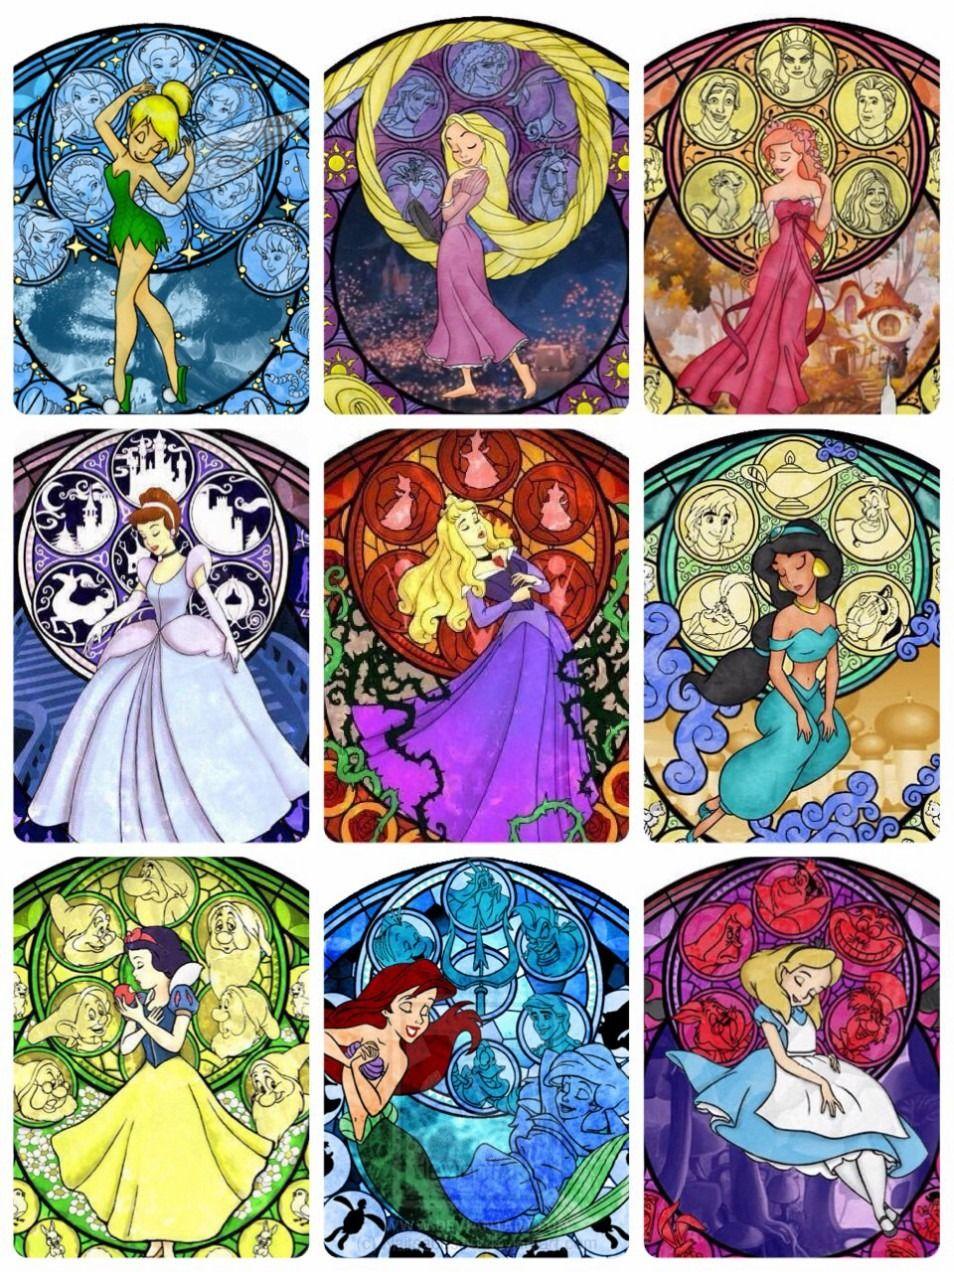 ディズニープリンセス 壁紙 ディズニープリンセスのアート